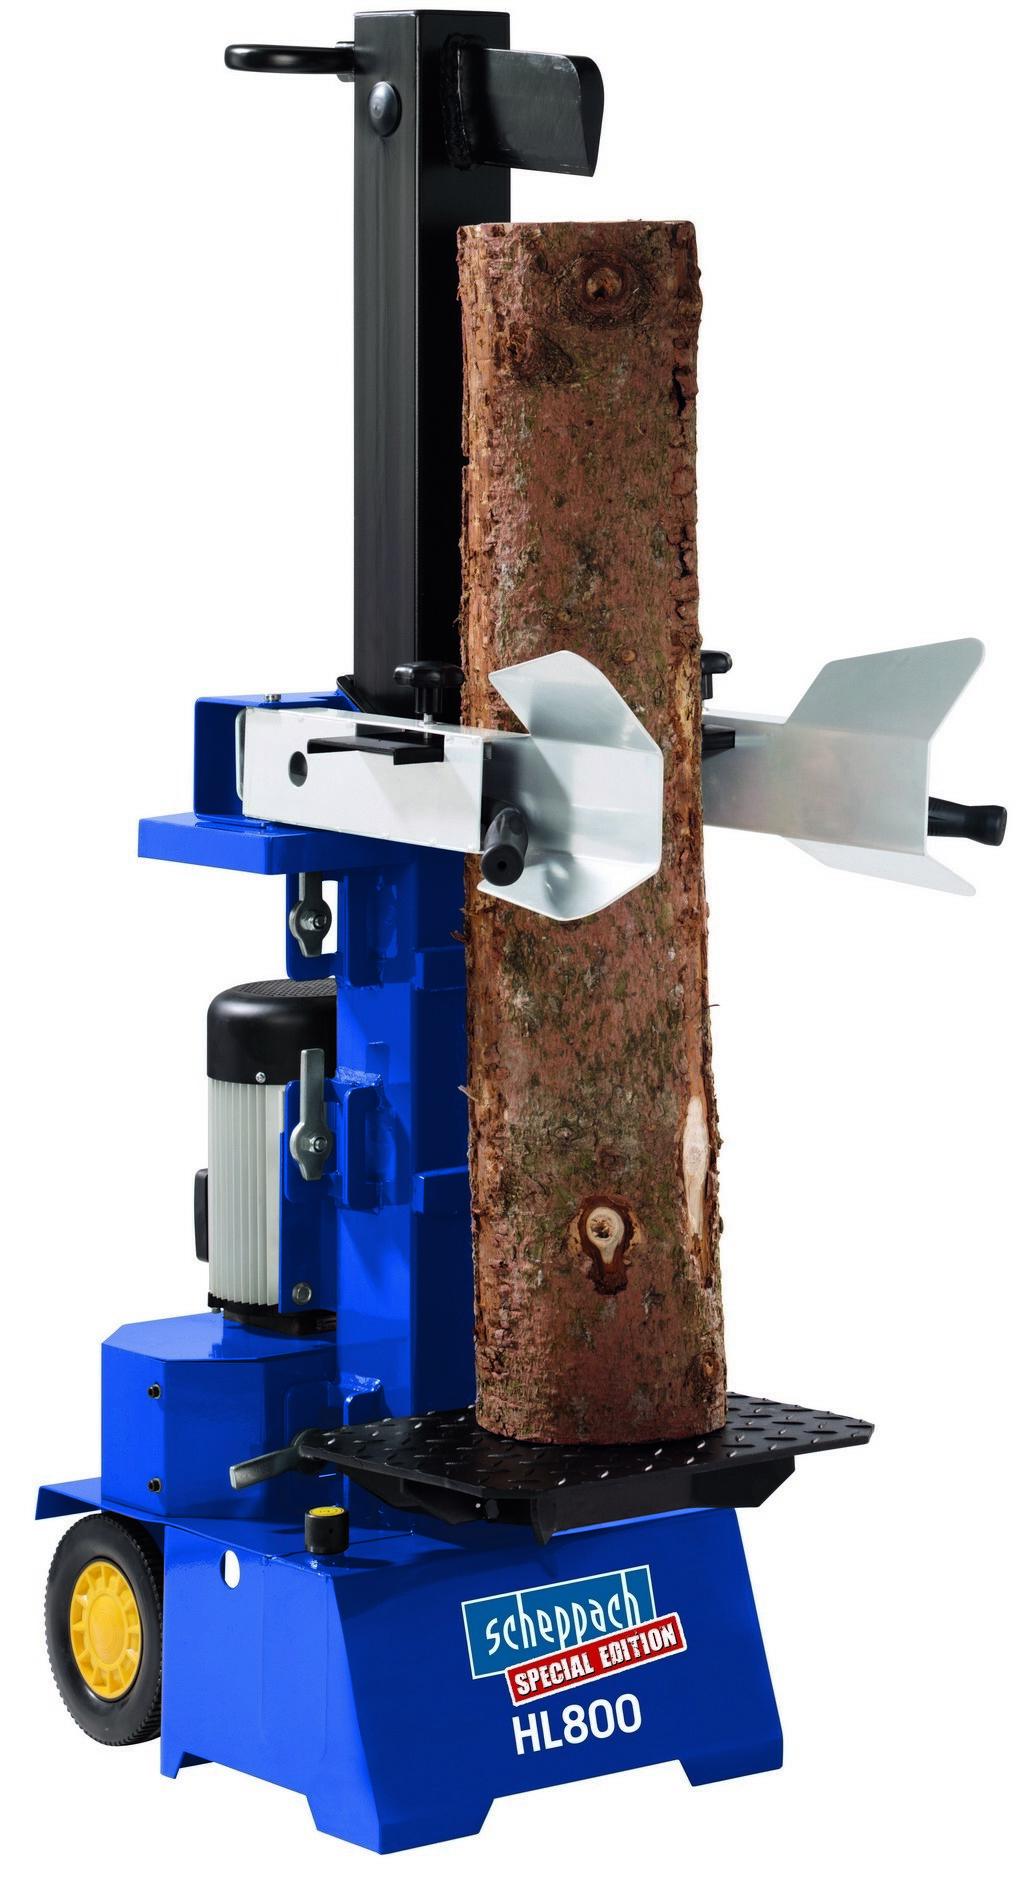 HL 800 - vertikální štípač dřeva (Scheppach edition)